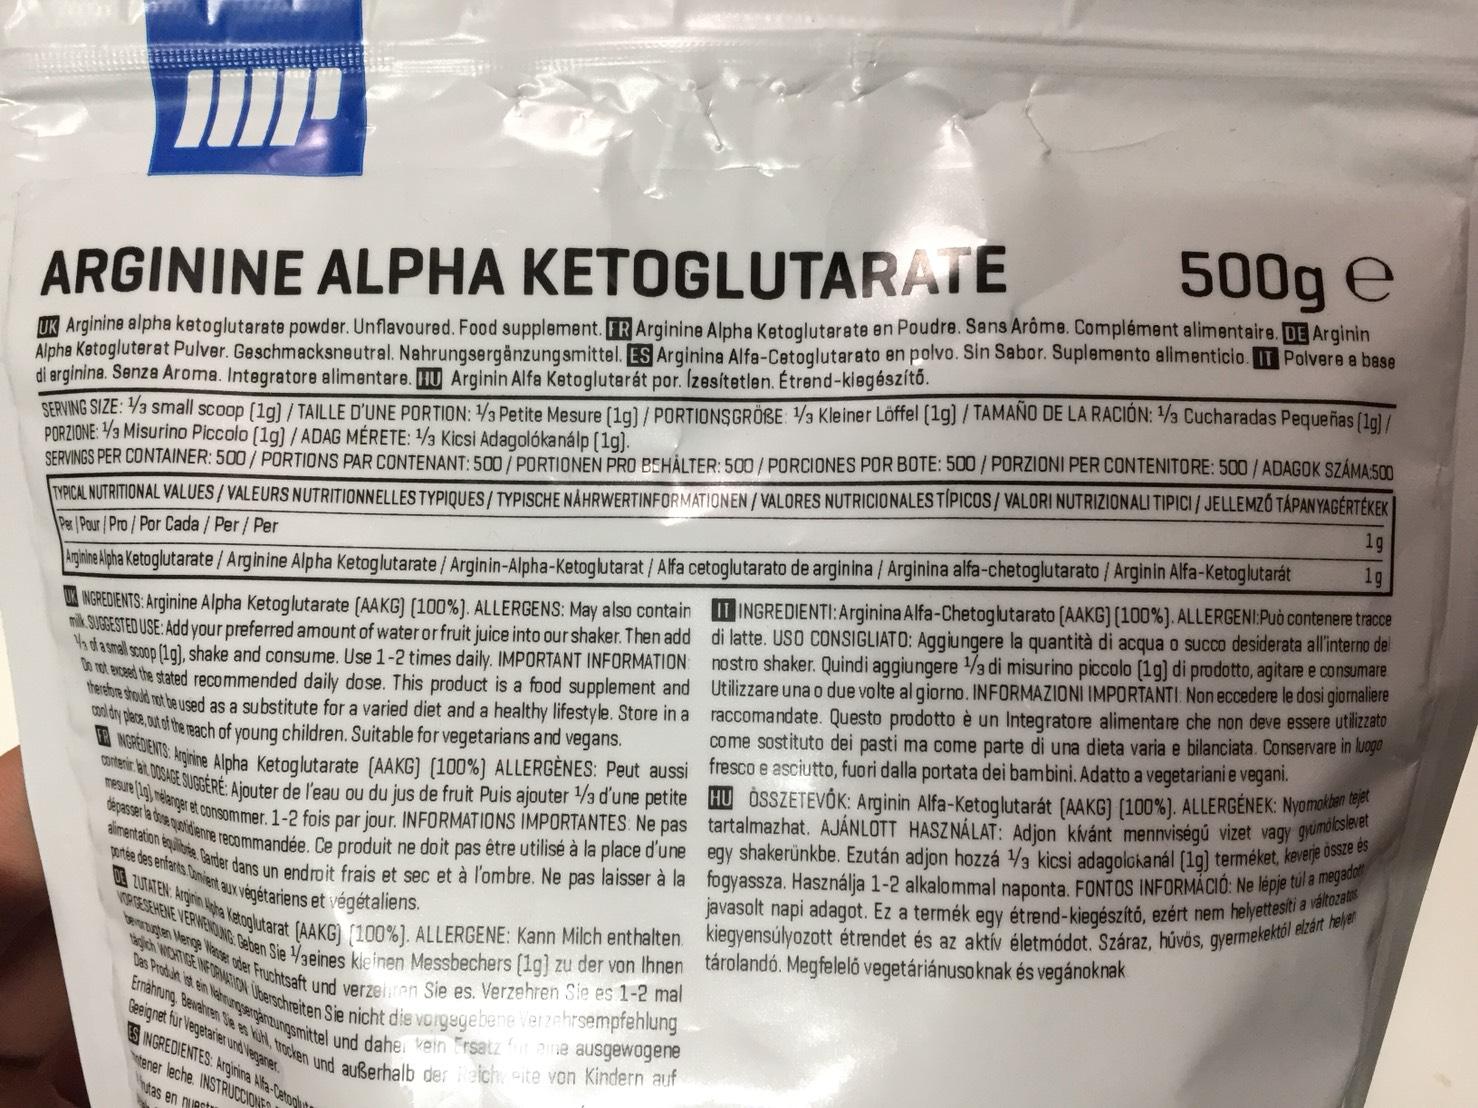 マイプロテインの「アルギニン アルファ ケトグルタル酸(AAKG)」の成分表